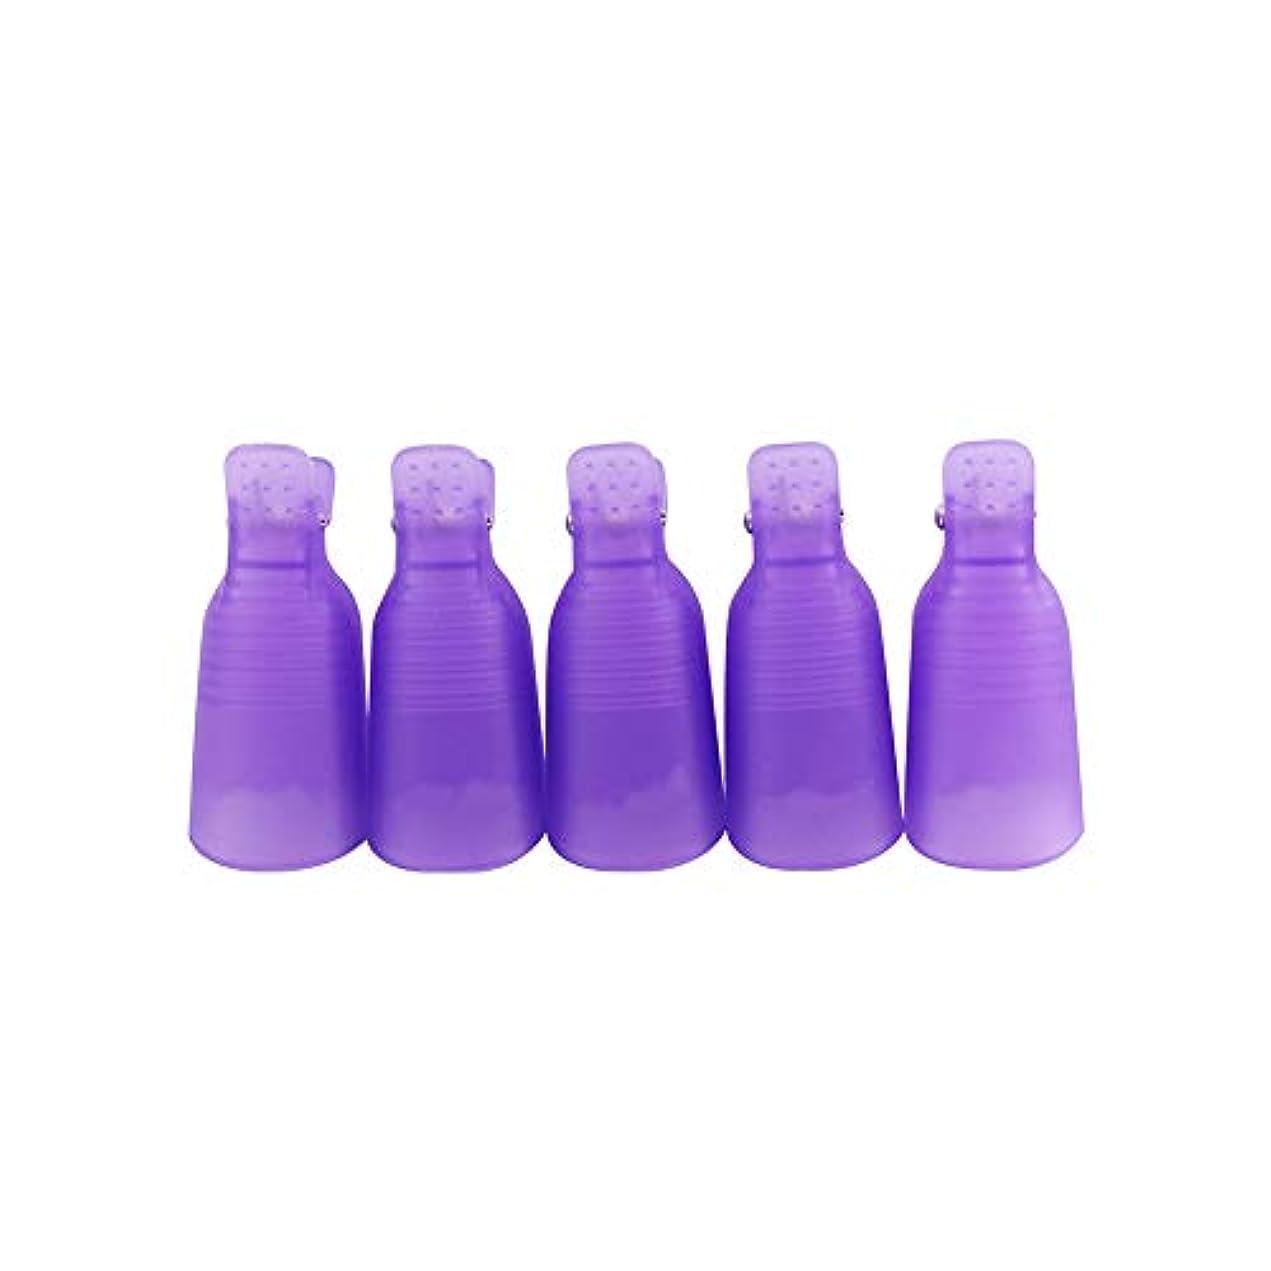 パラシュート友情ペニー5マニキュアUV接着パッドは、キャップリムーバーツールネイルネイルポリッシュリムーバー再利用可能なシリコーンはラップまたはオフに浸した家庭用のサロン(紫)